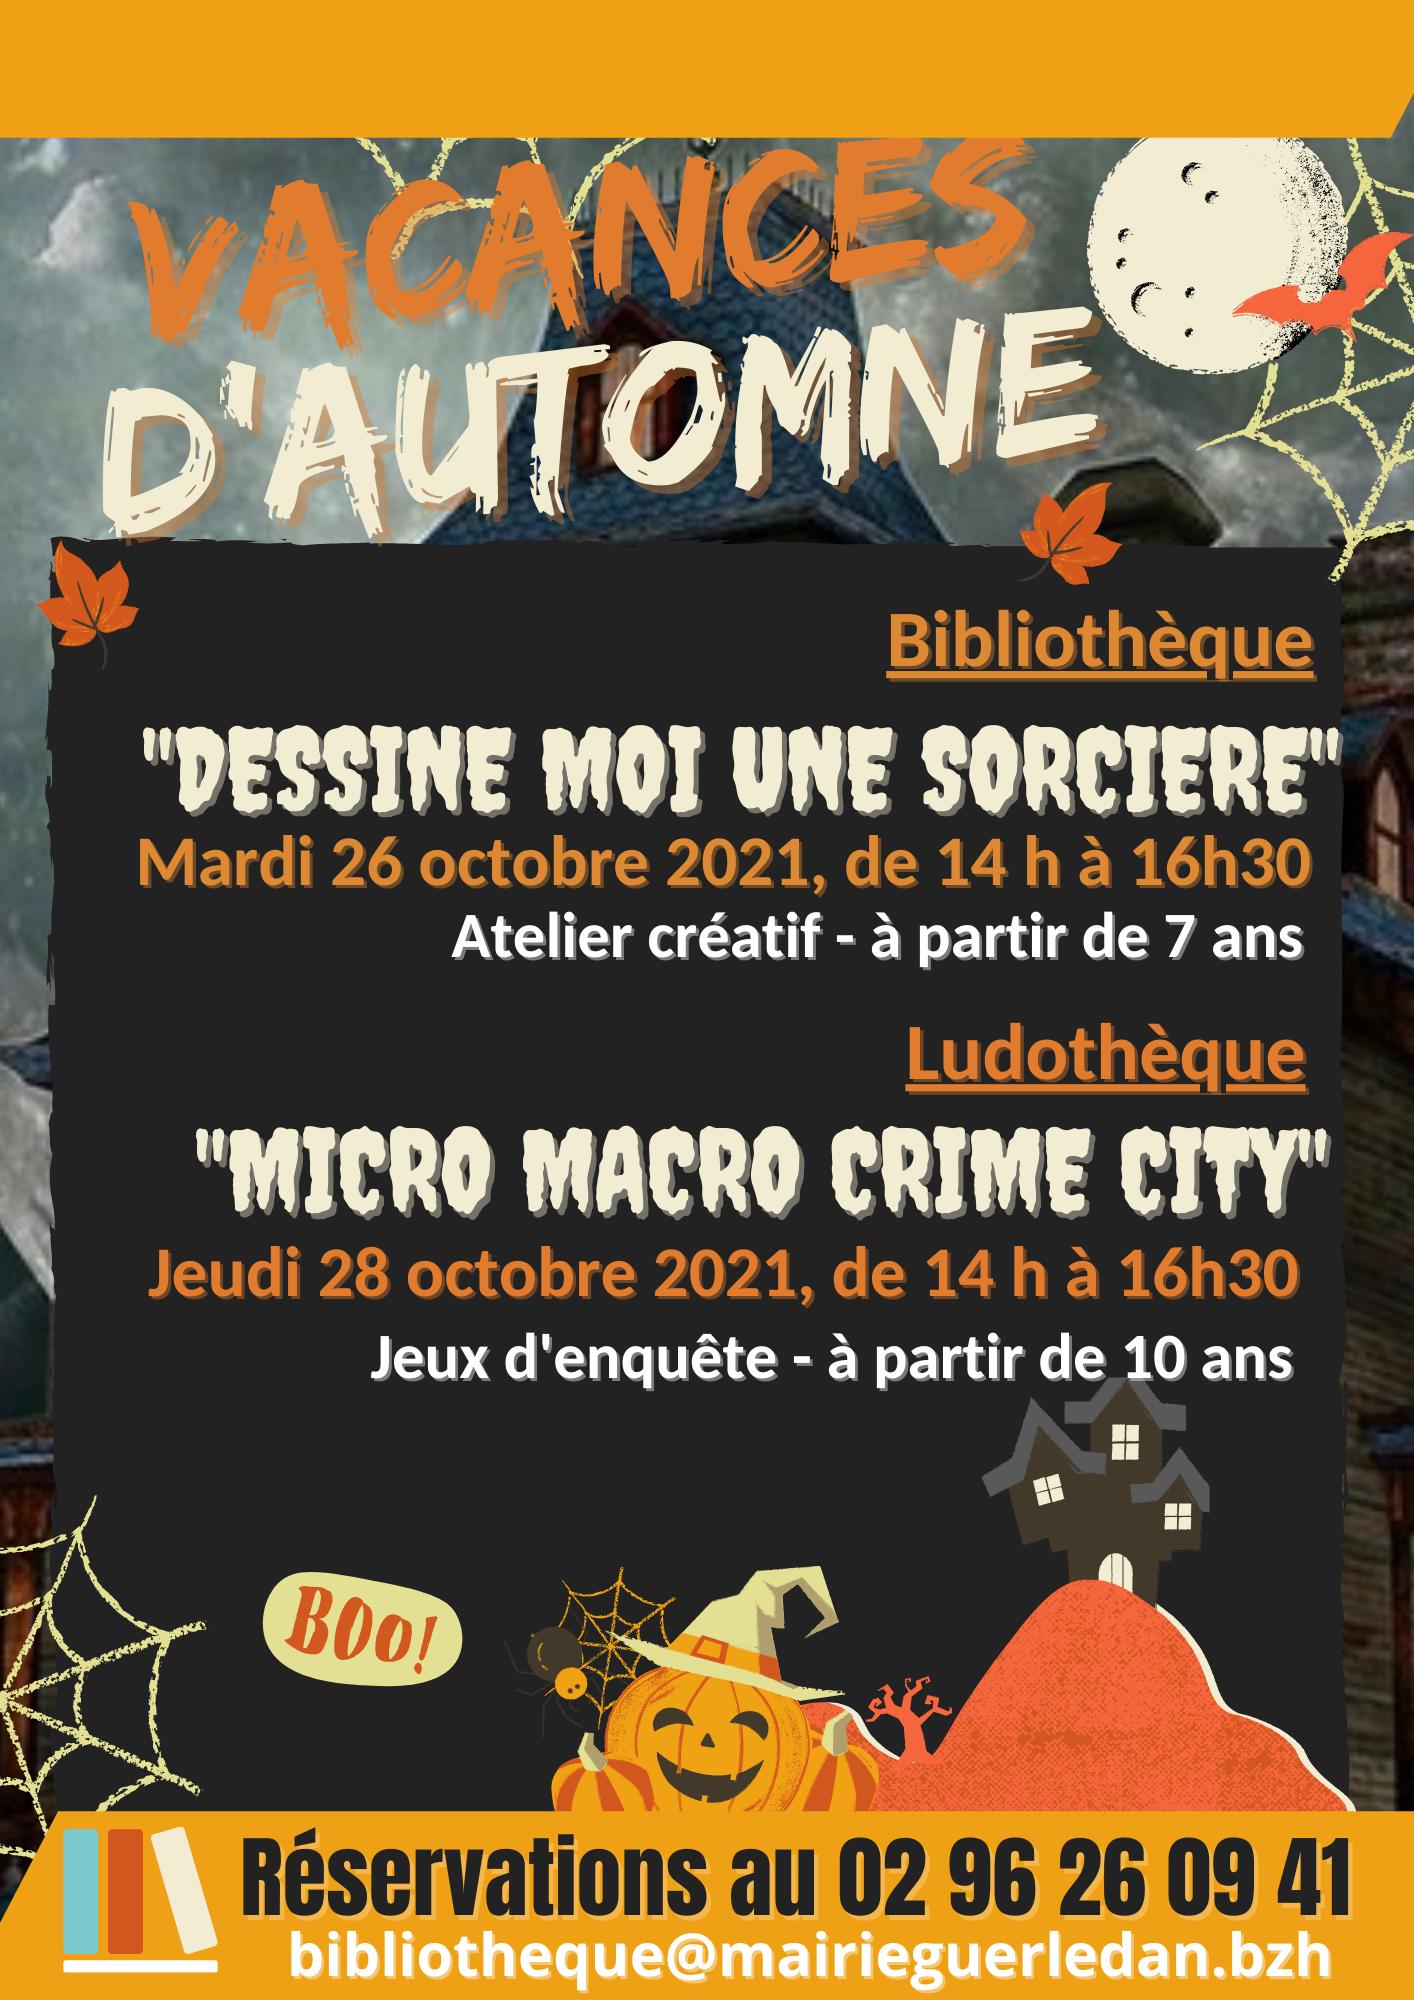 Dessine moi une sorcière - Bibliothèque Espace Alain AUFFRET